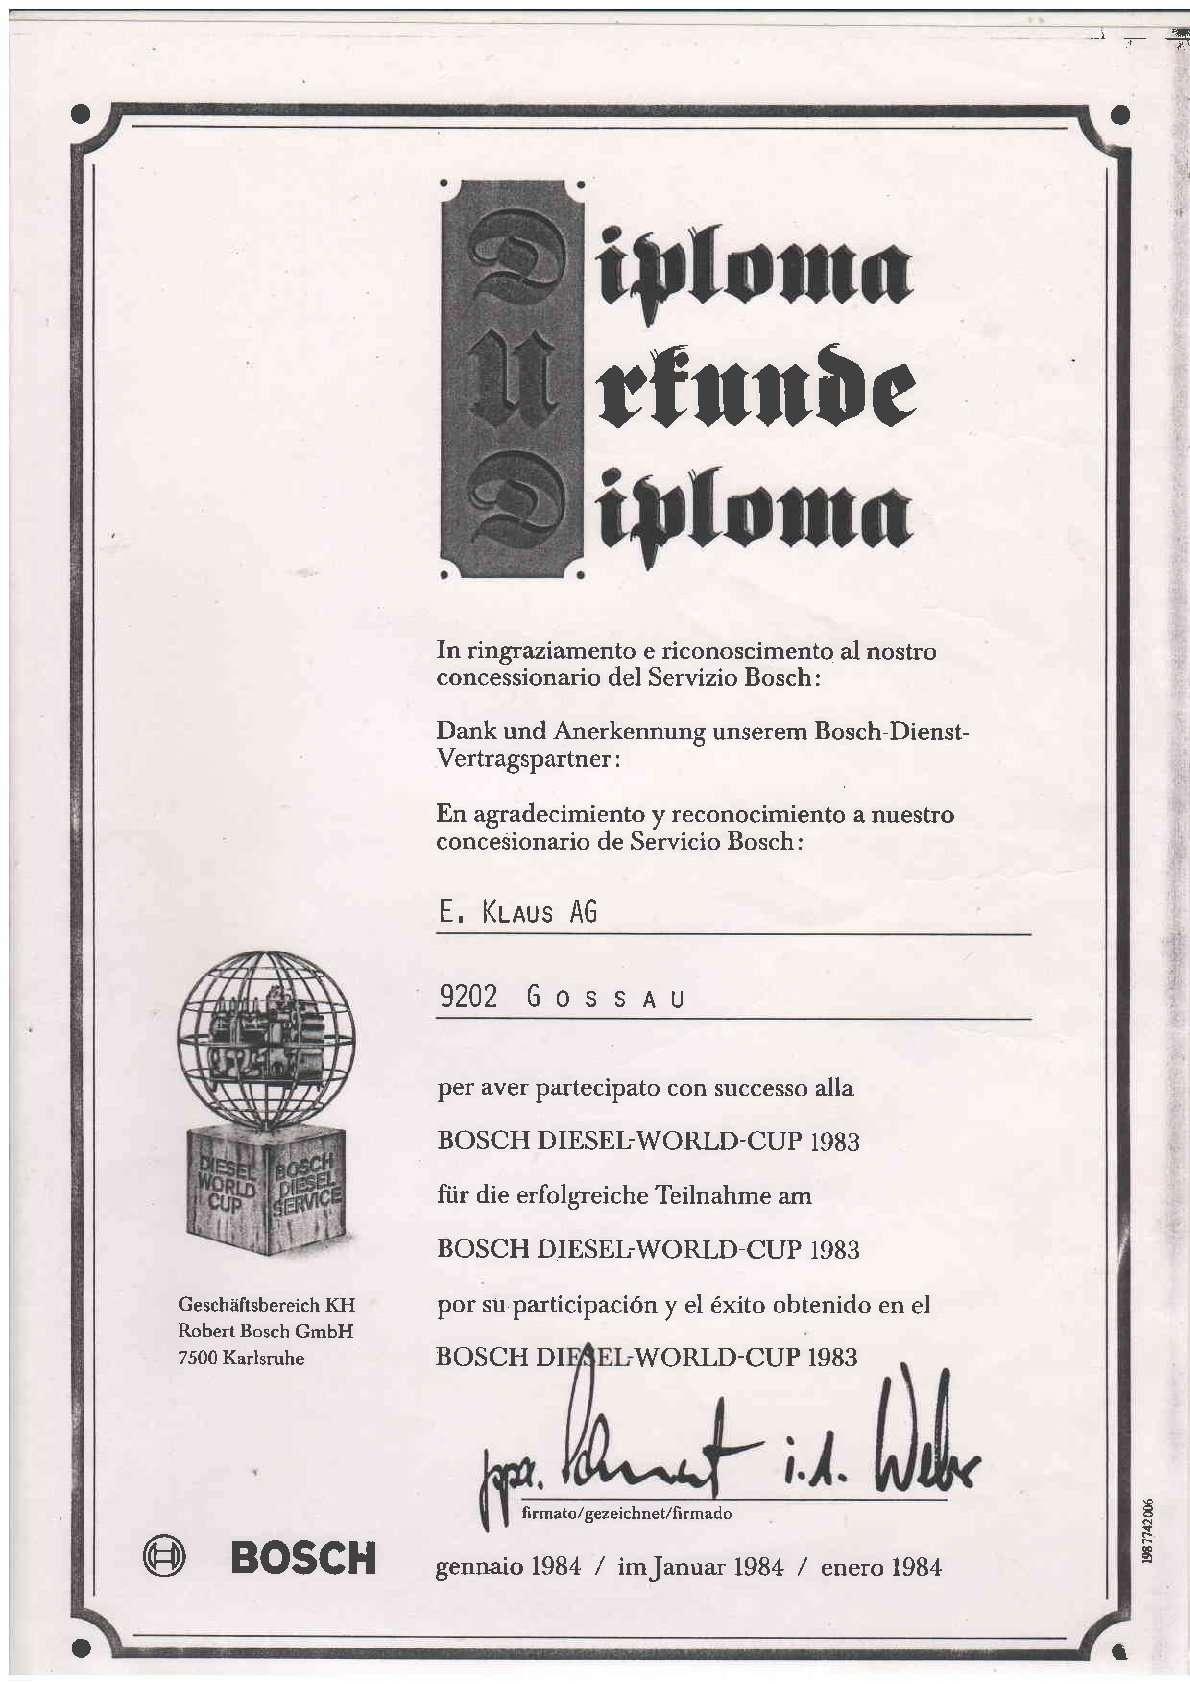 DIPLOMACOMPETIZIONEALDO-001 (1)